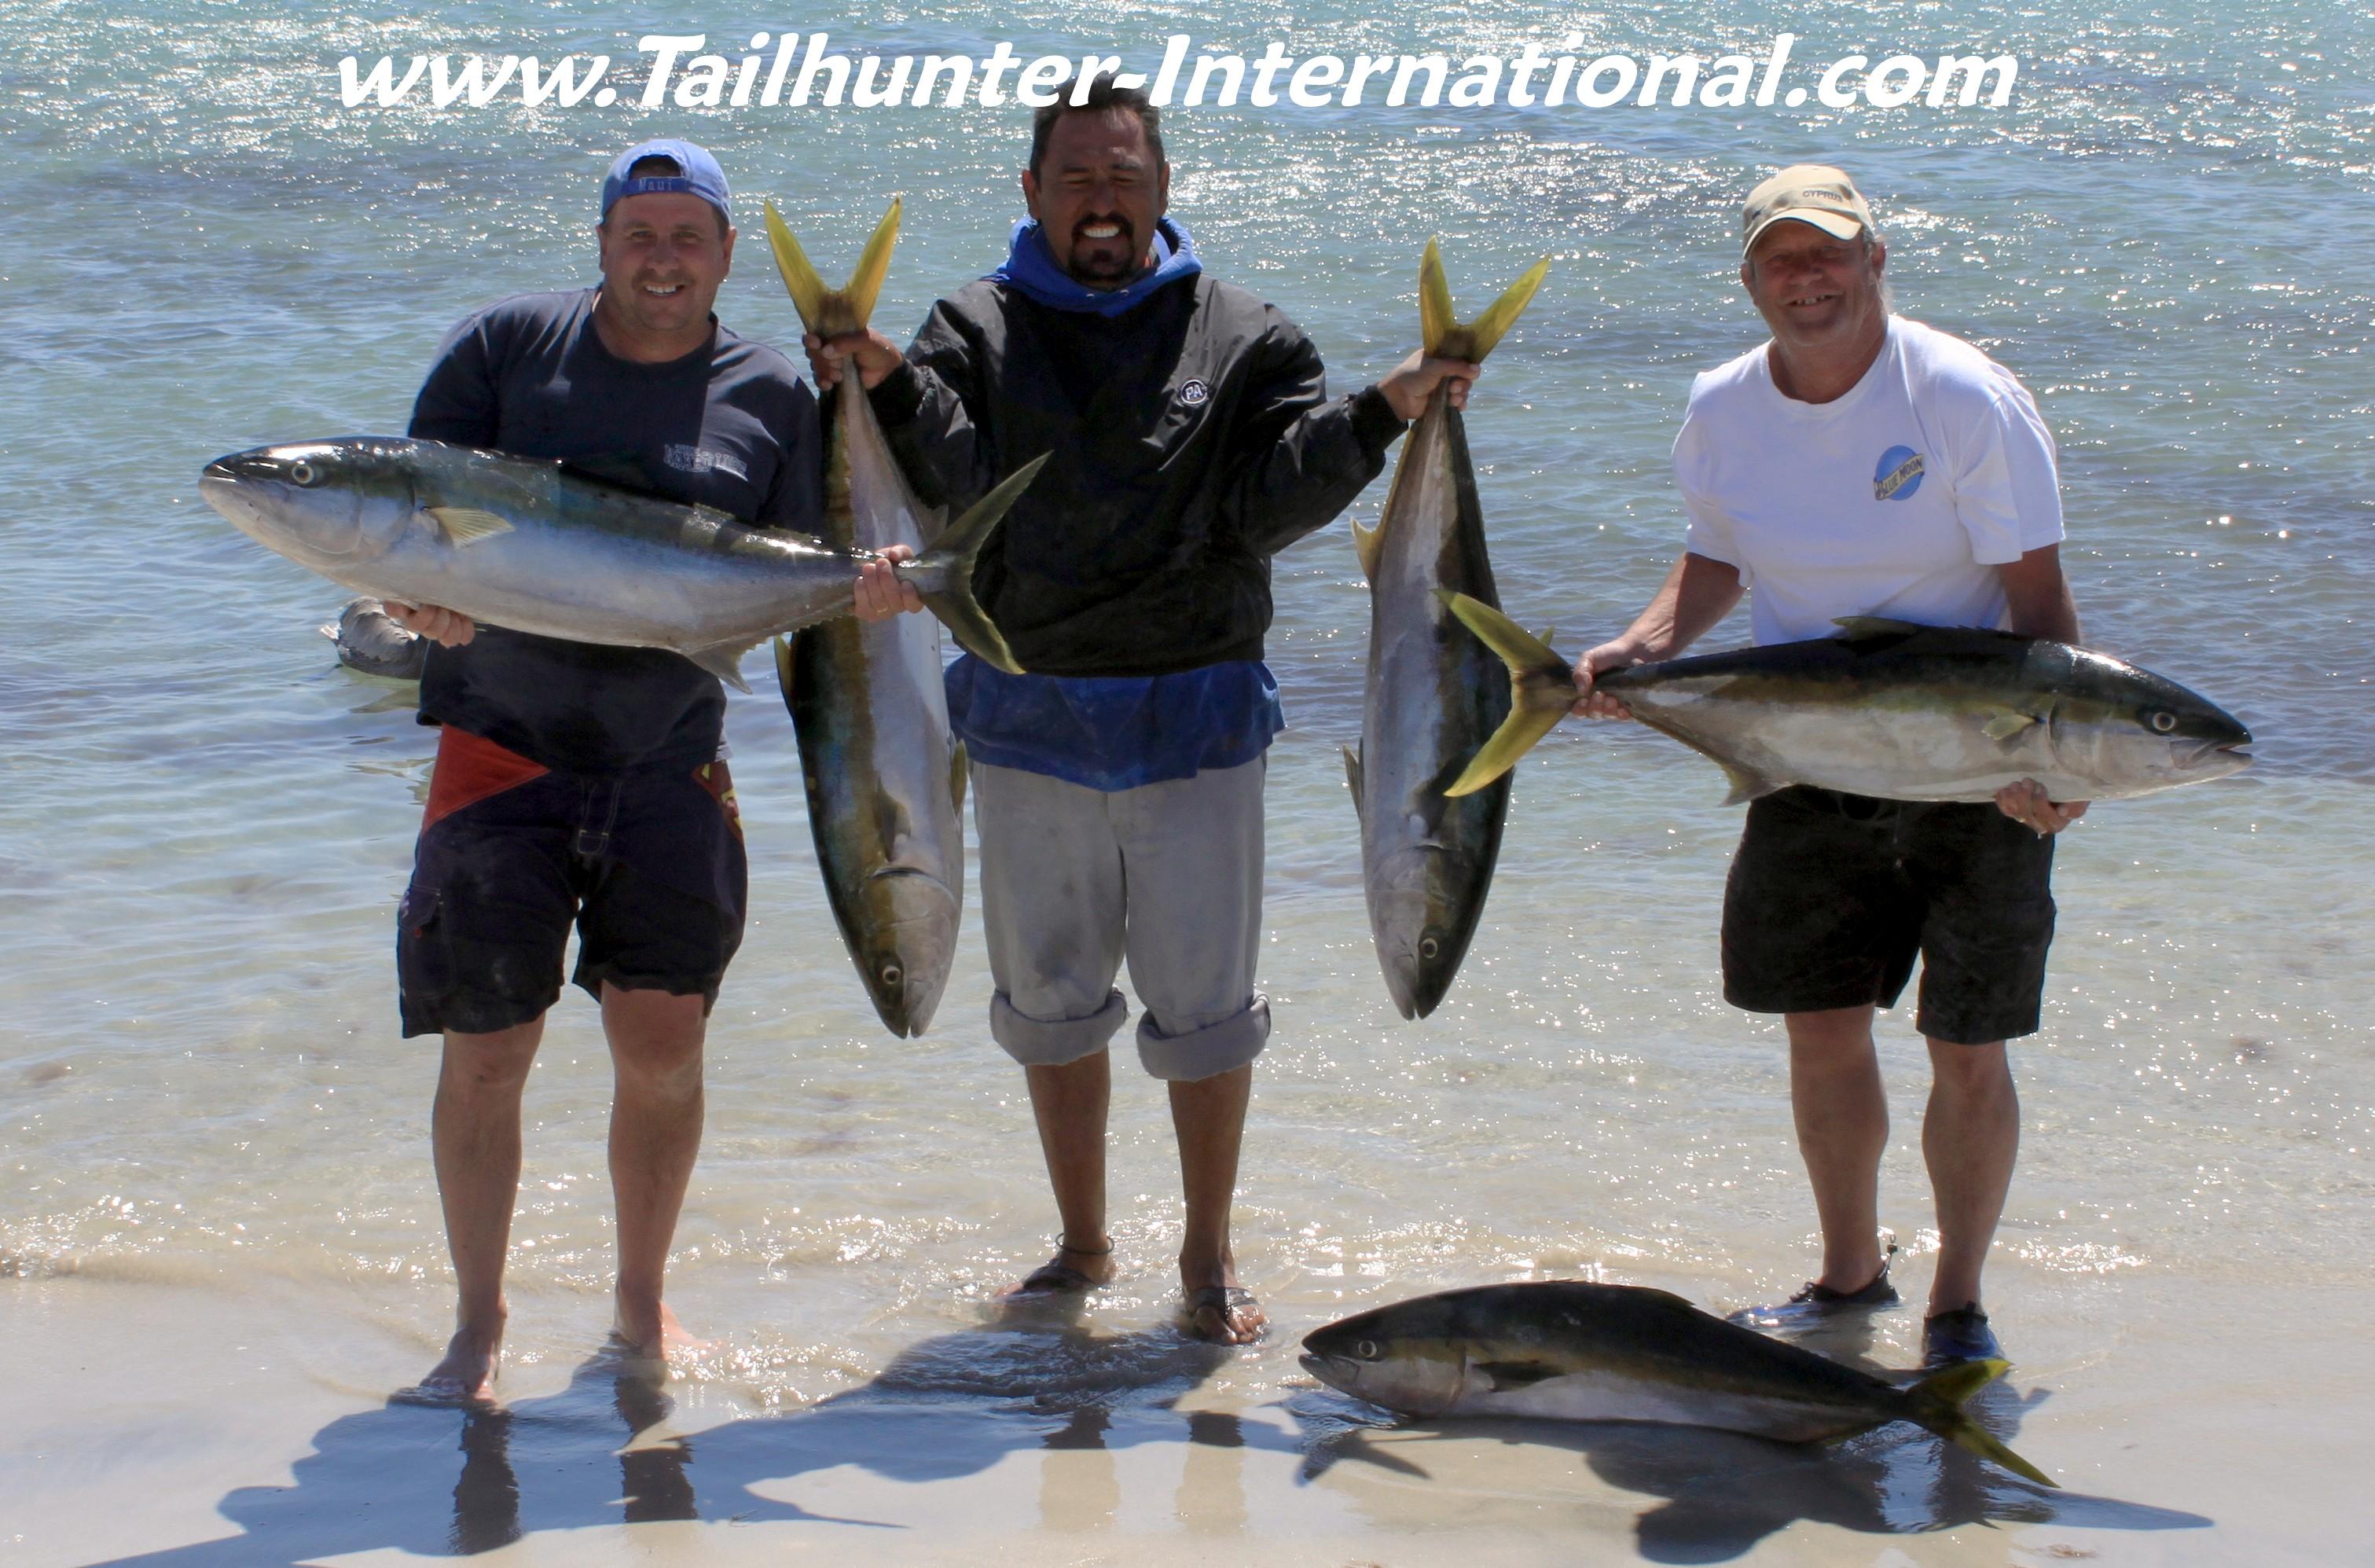 Bahia de los angeles fishing report 2014 for Fishing los angeles